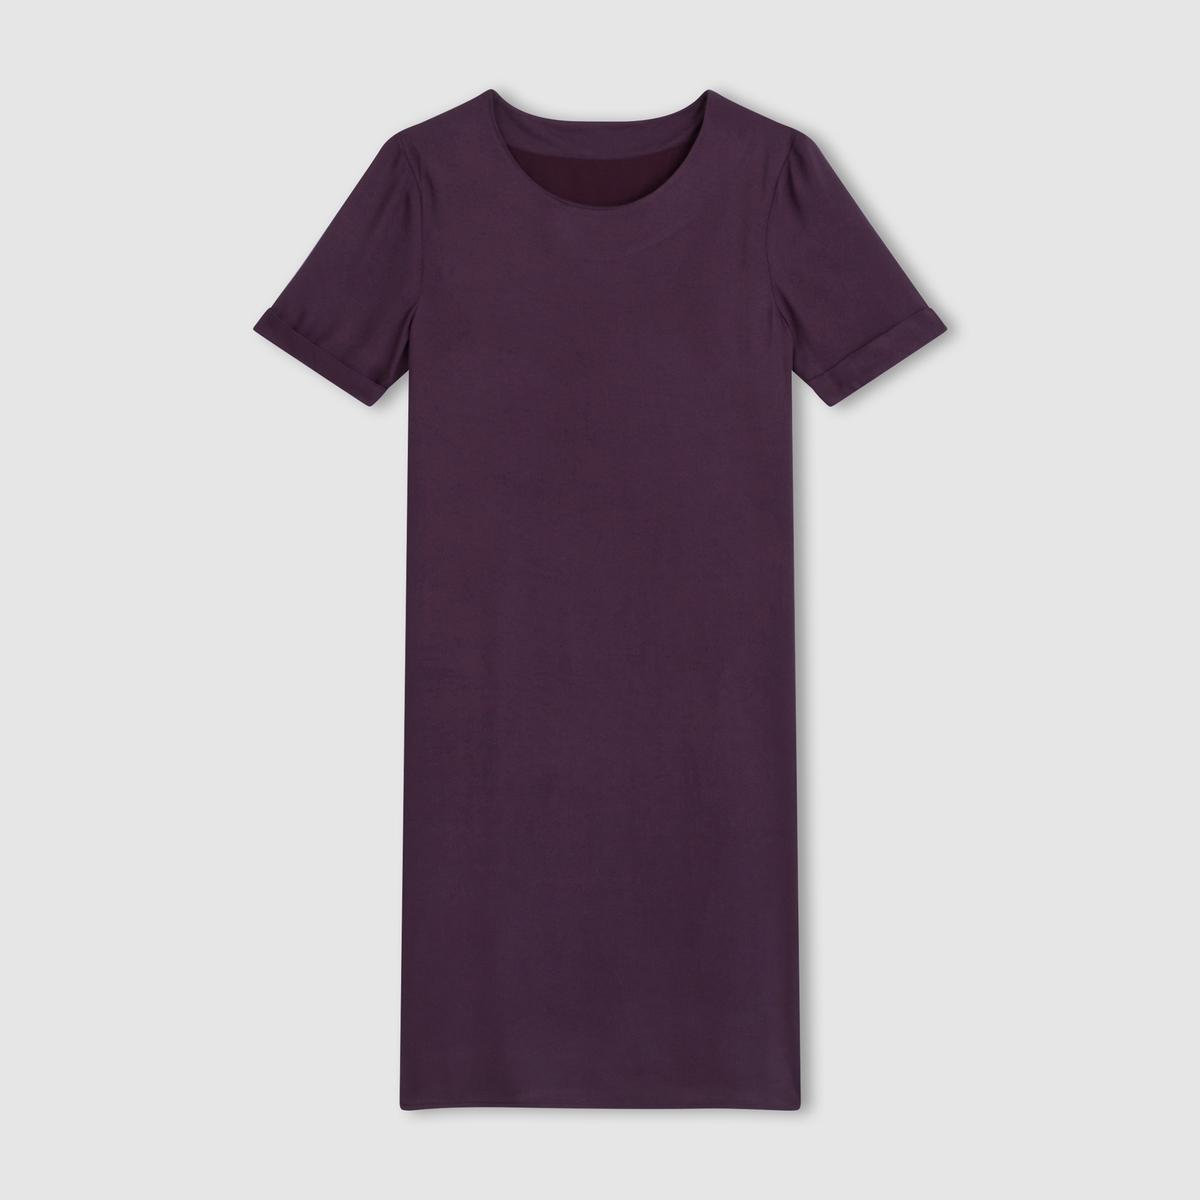 Платье с короткими рукавамиПлатье-футляр. 100% вискозы. Подкладка из 100% полиэстера. Короткие рукава. Закругленный вырез. Длина ок.95 см.<br><br>Цвет: фиолетовый<br>Размер: 36 (FR) - 42 (RUS)